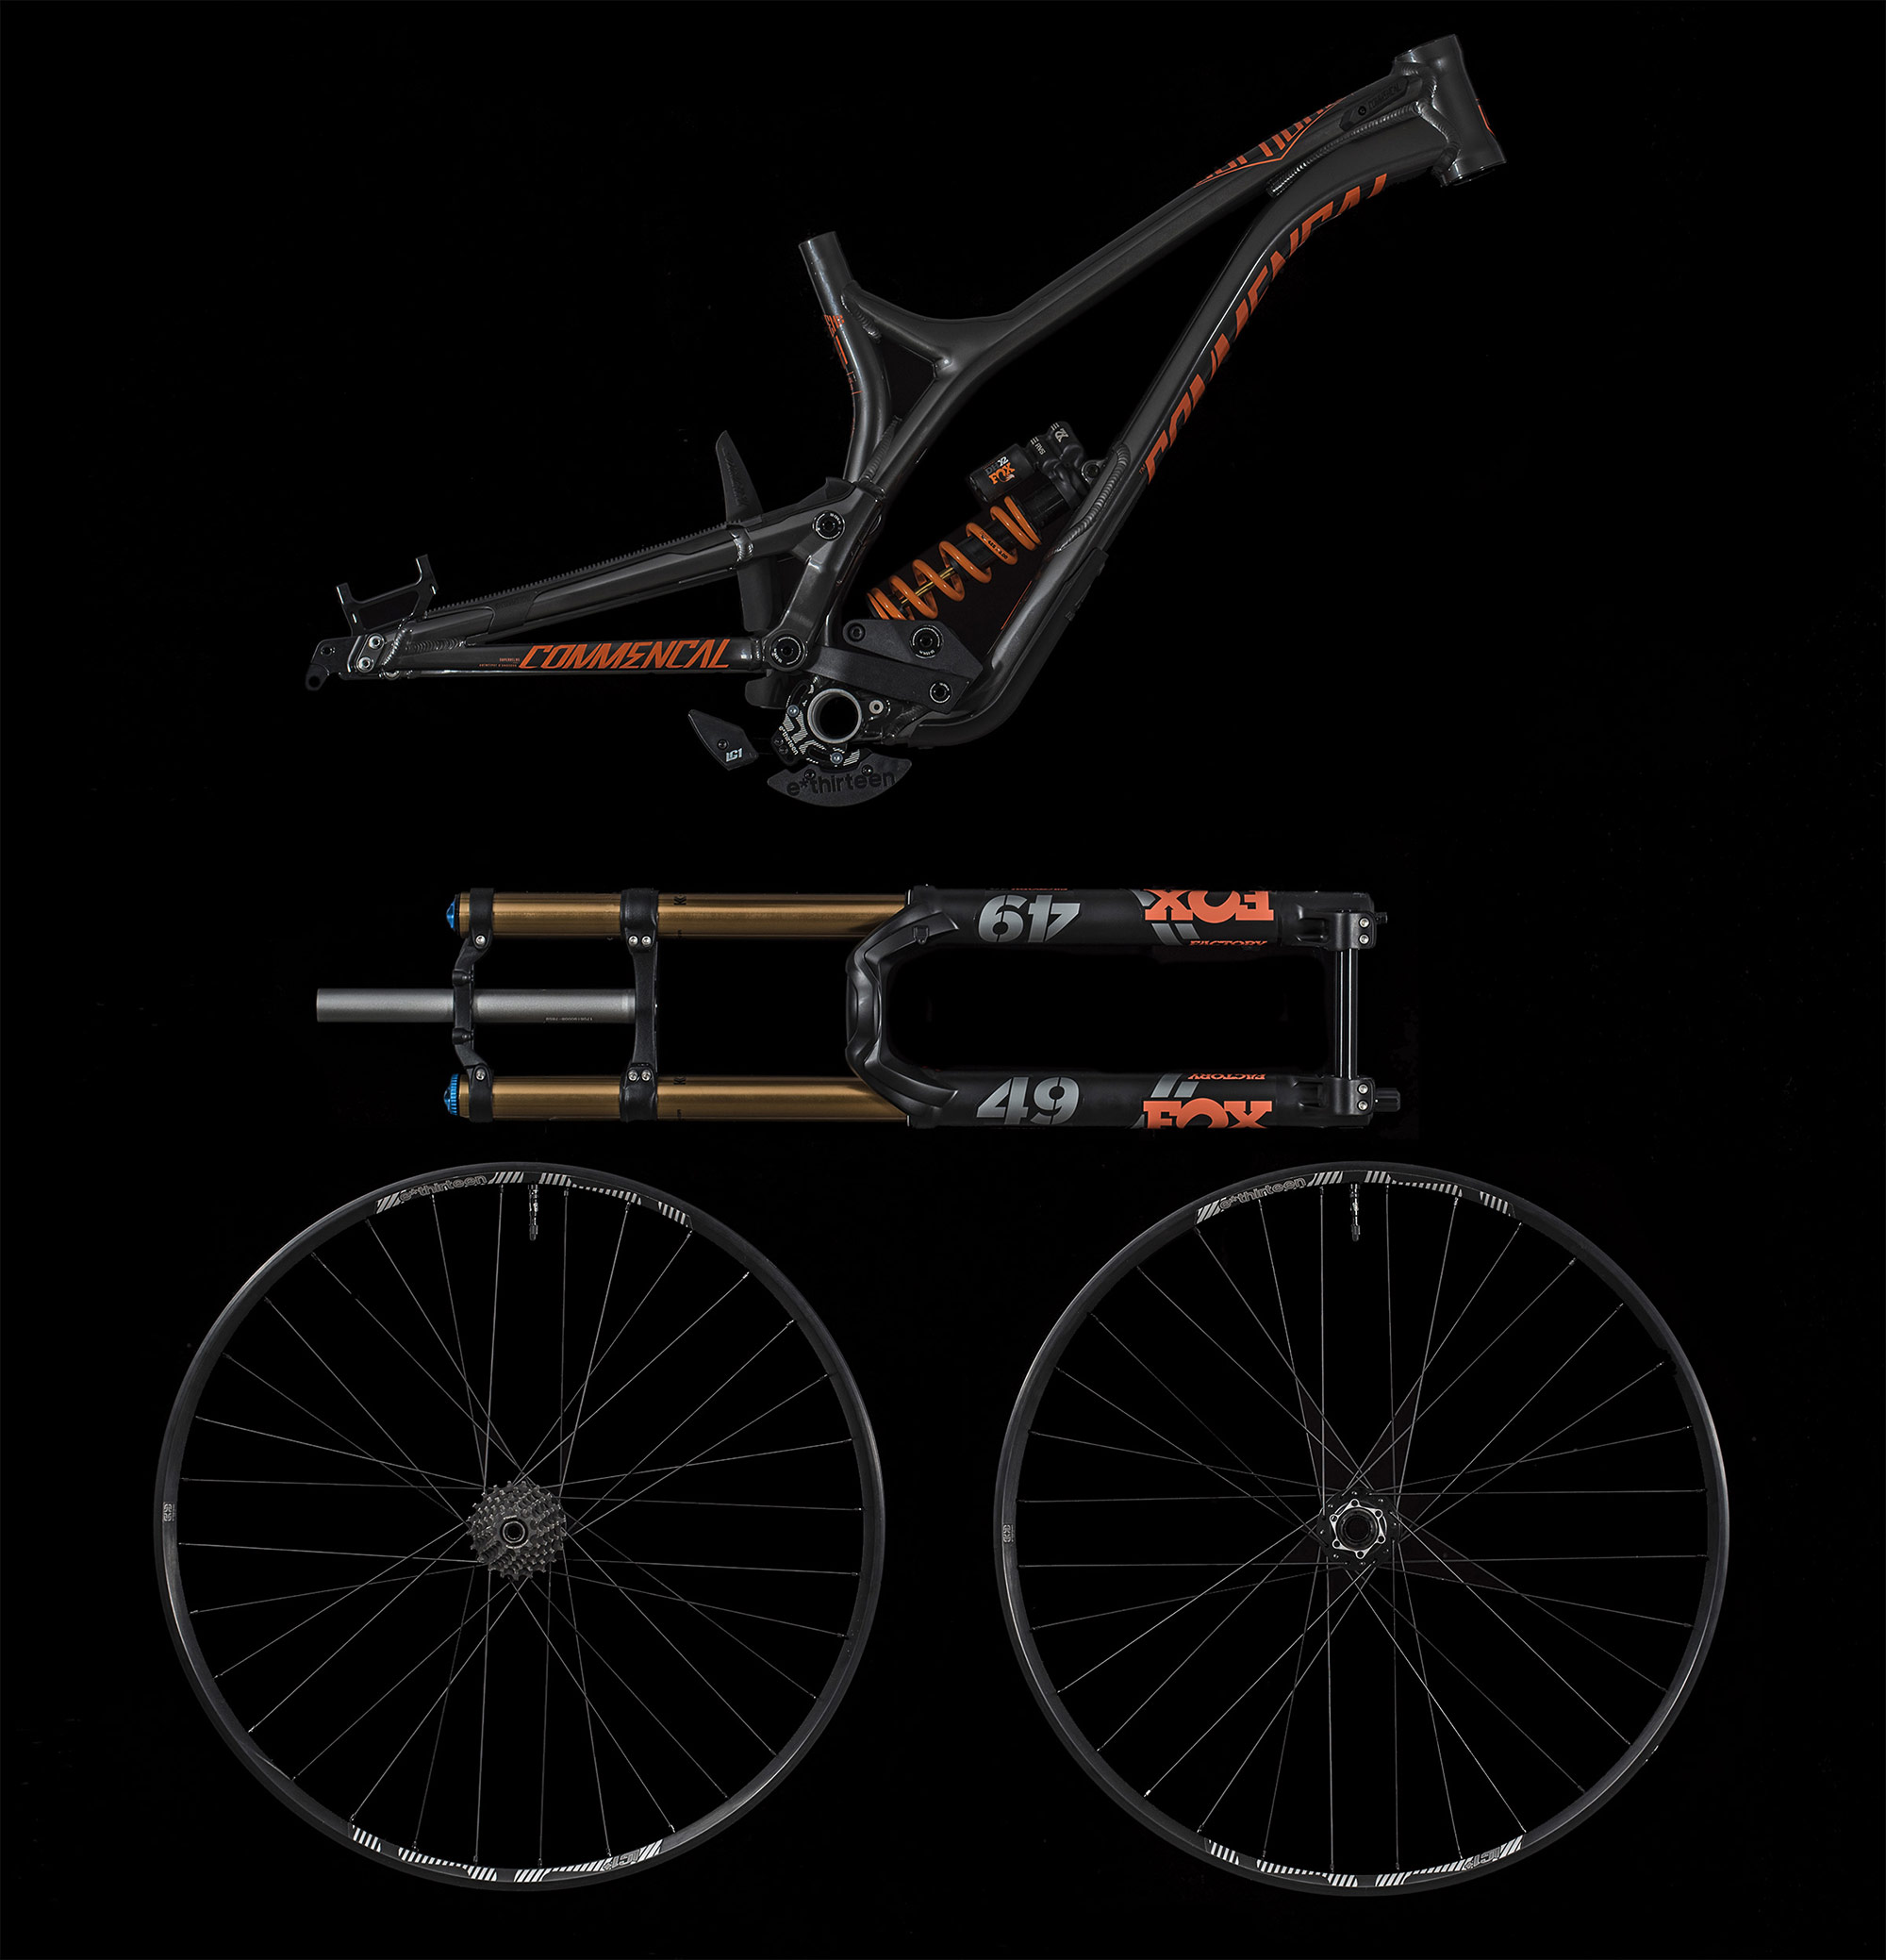 Commencal Supreme Dh 29 Race Kit